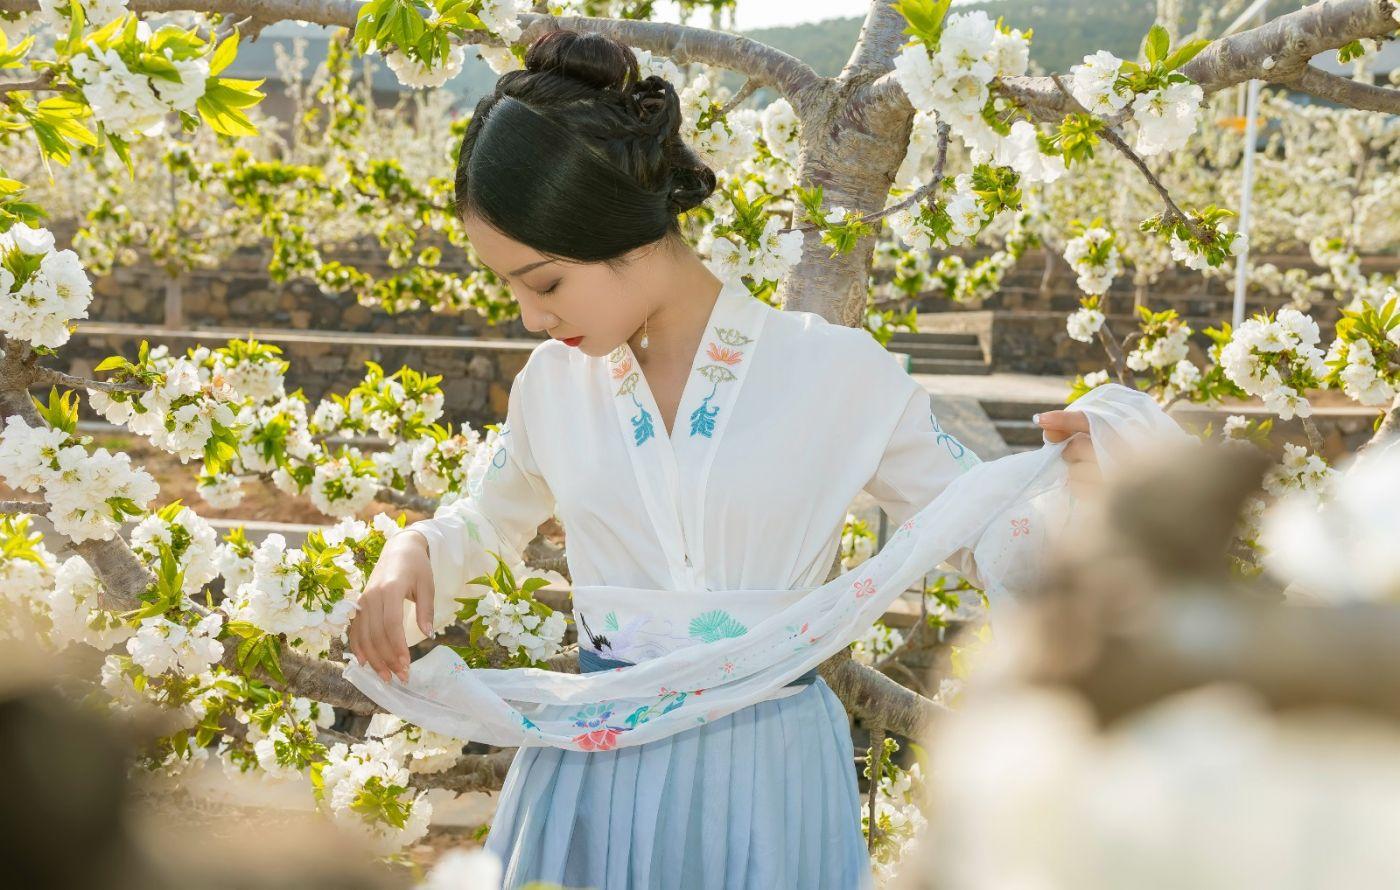 发现民族舞女孩吕锦涛 在樱桃花开白如雪的马泉翩翩起舞_图1-19